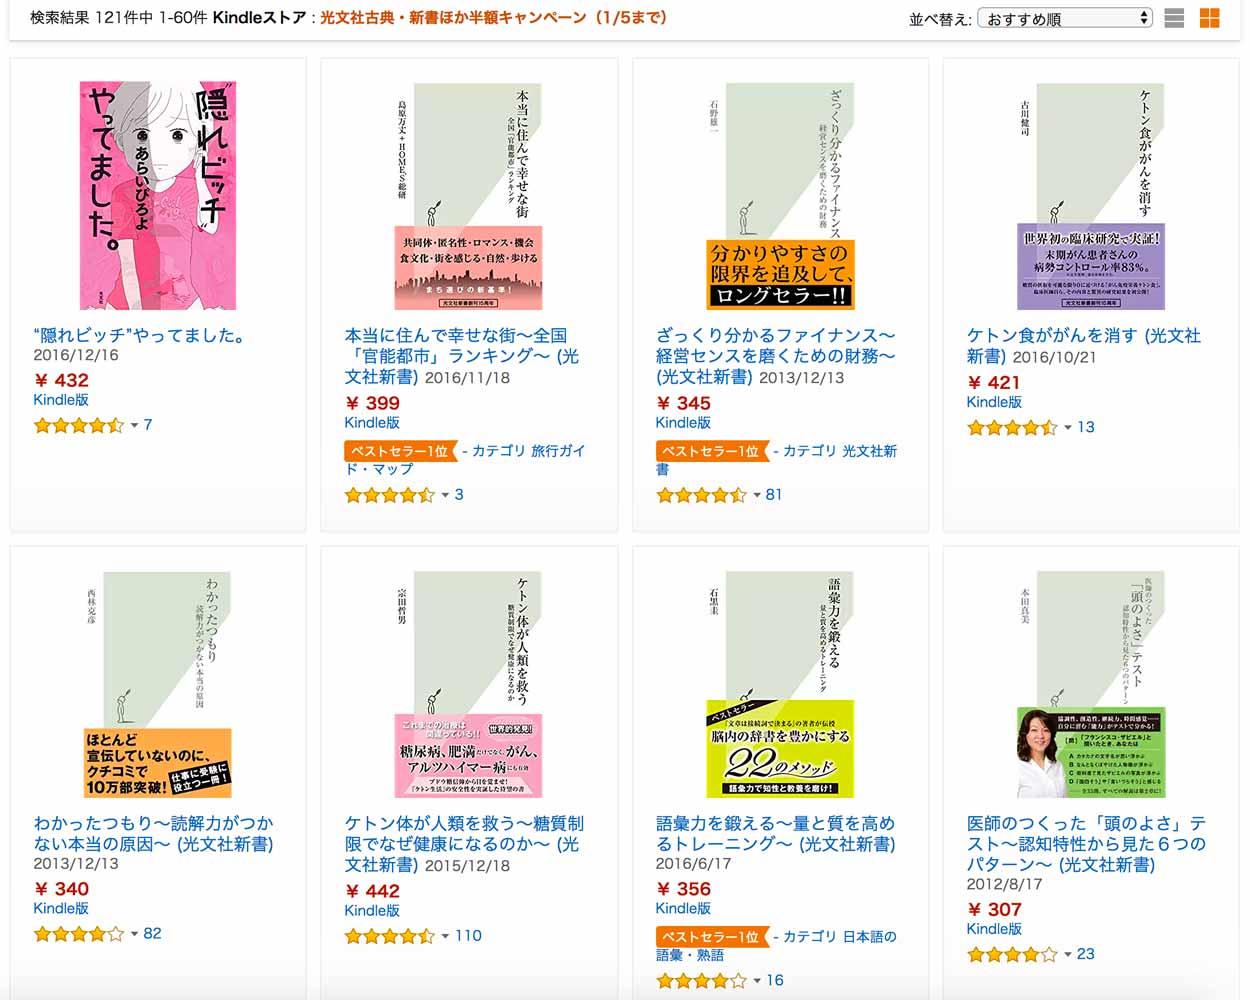 【50%OFF】Kindleストア、「光文社 Kindle本セール」実施中(1/5まで)